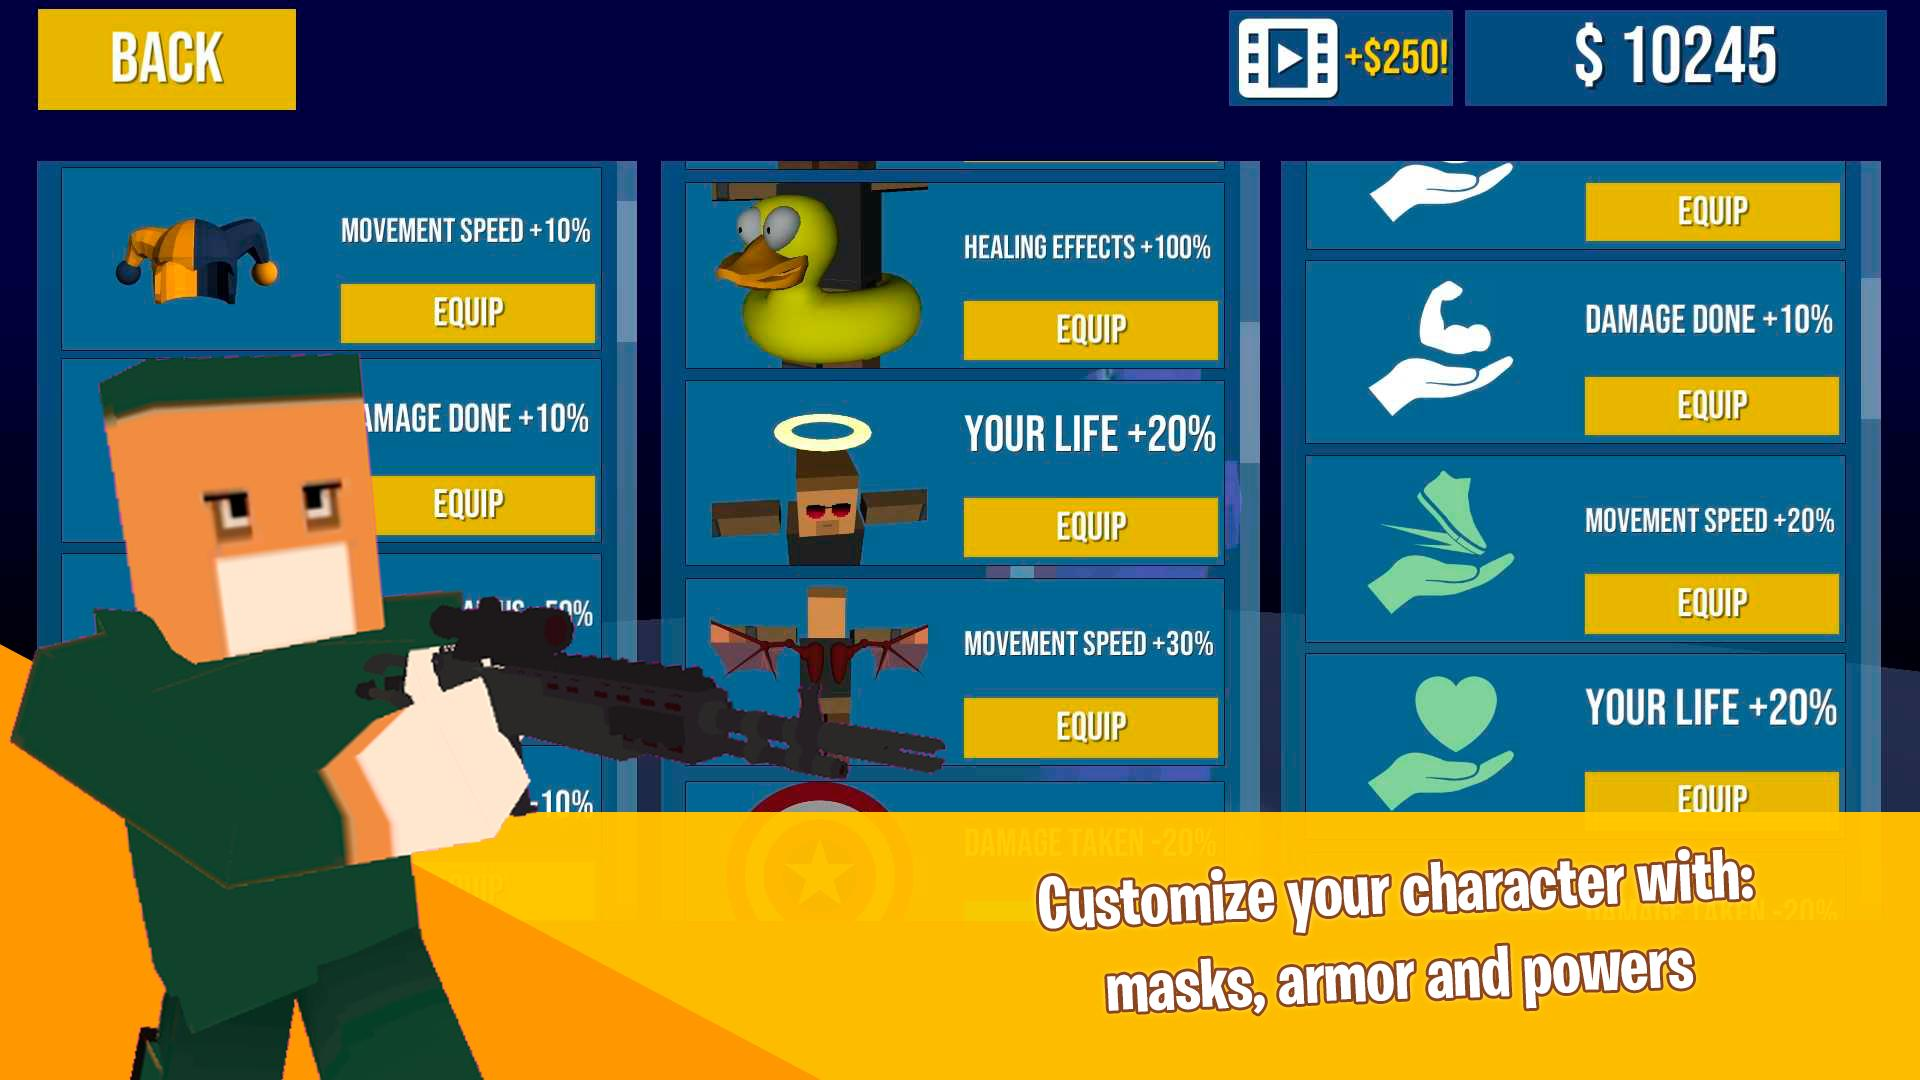 Pixel Battle Royale Games - Deathmatch FPS Shooter for